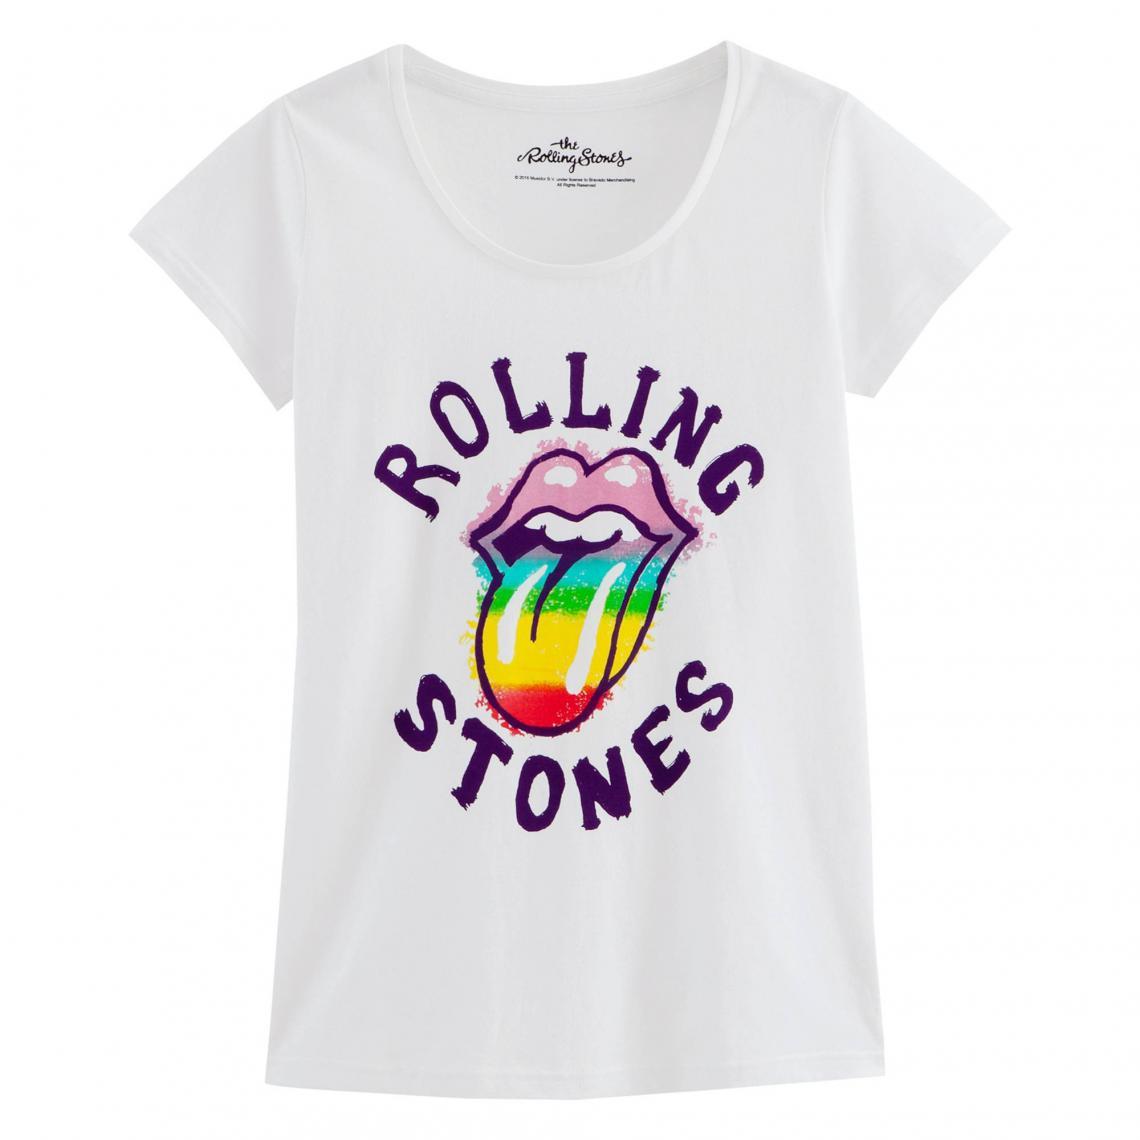 6cde736d51e74 T-shirt manches courtes imprimé Rolling Stones femme Universal - Blanc Universal  Music Femme